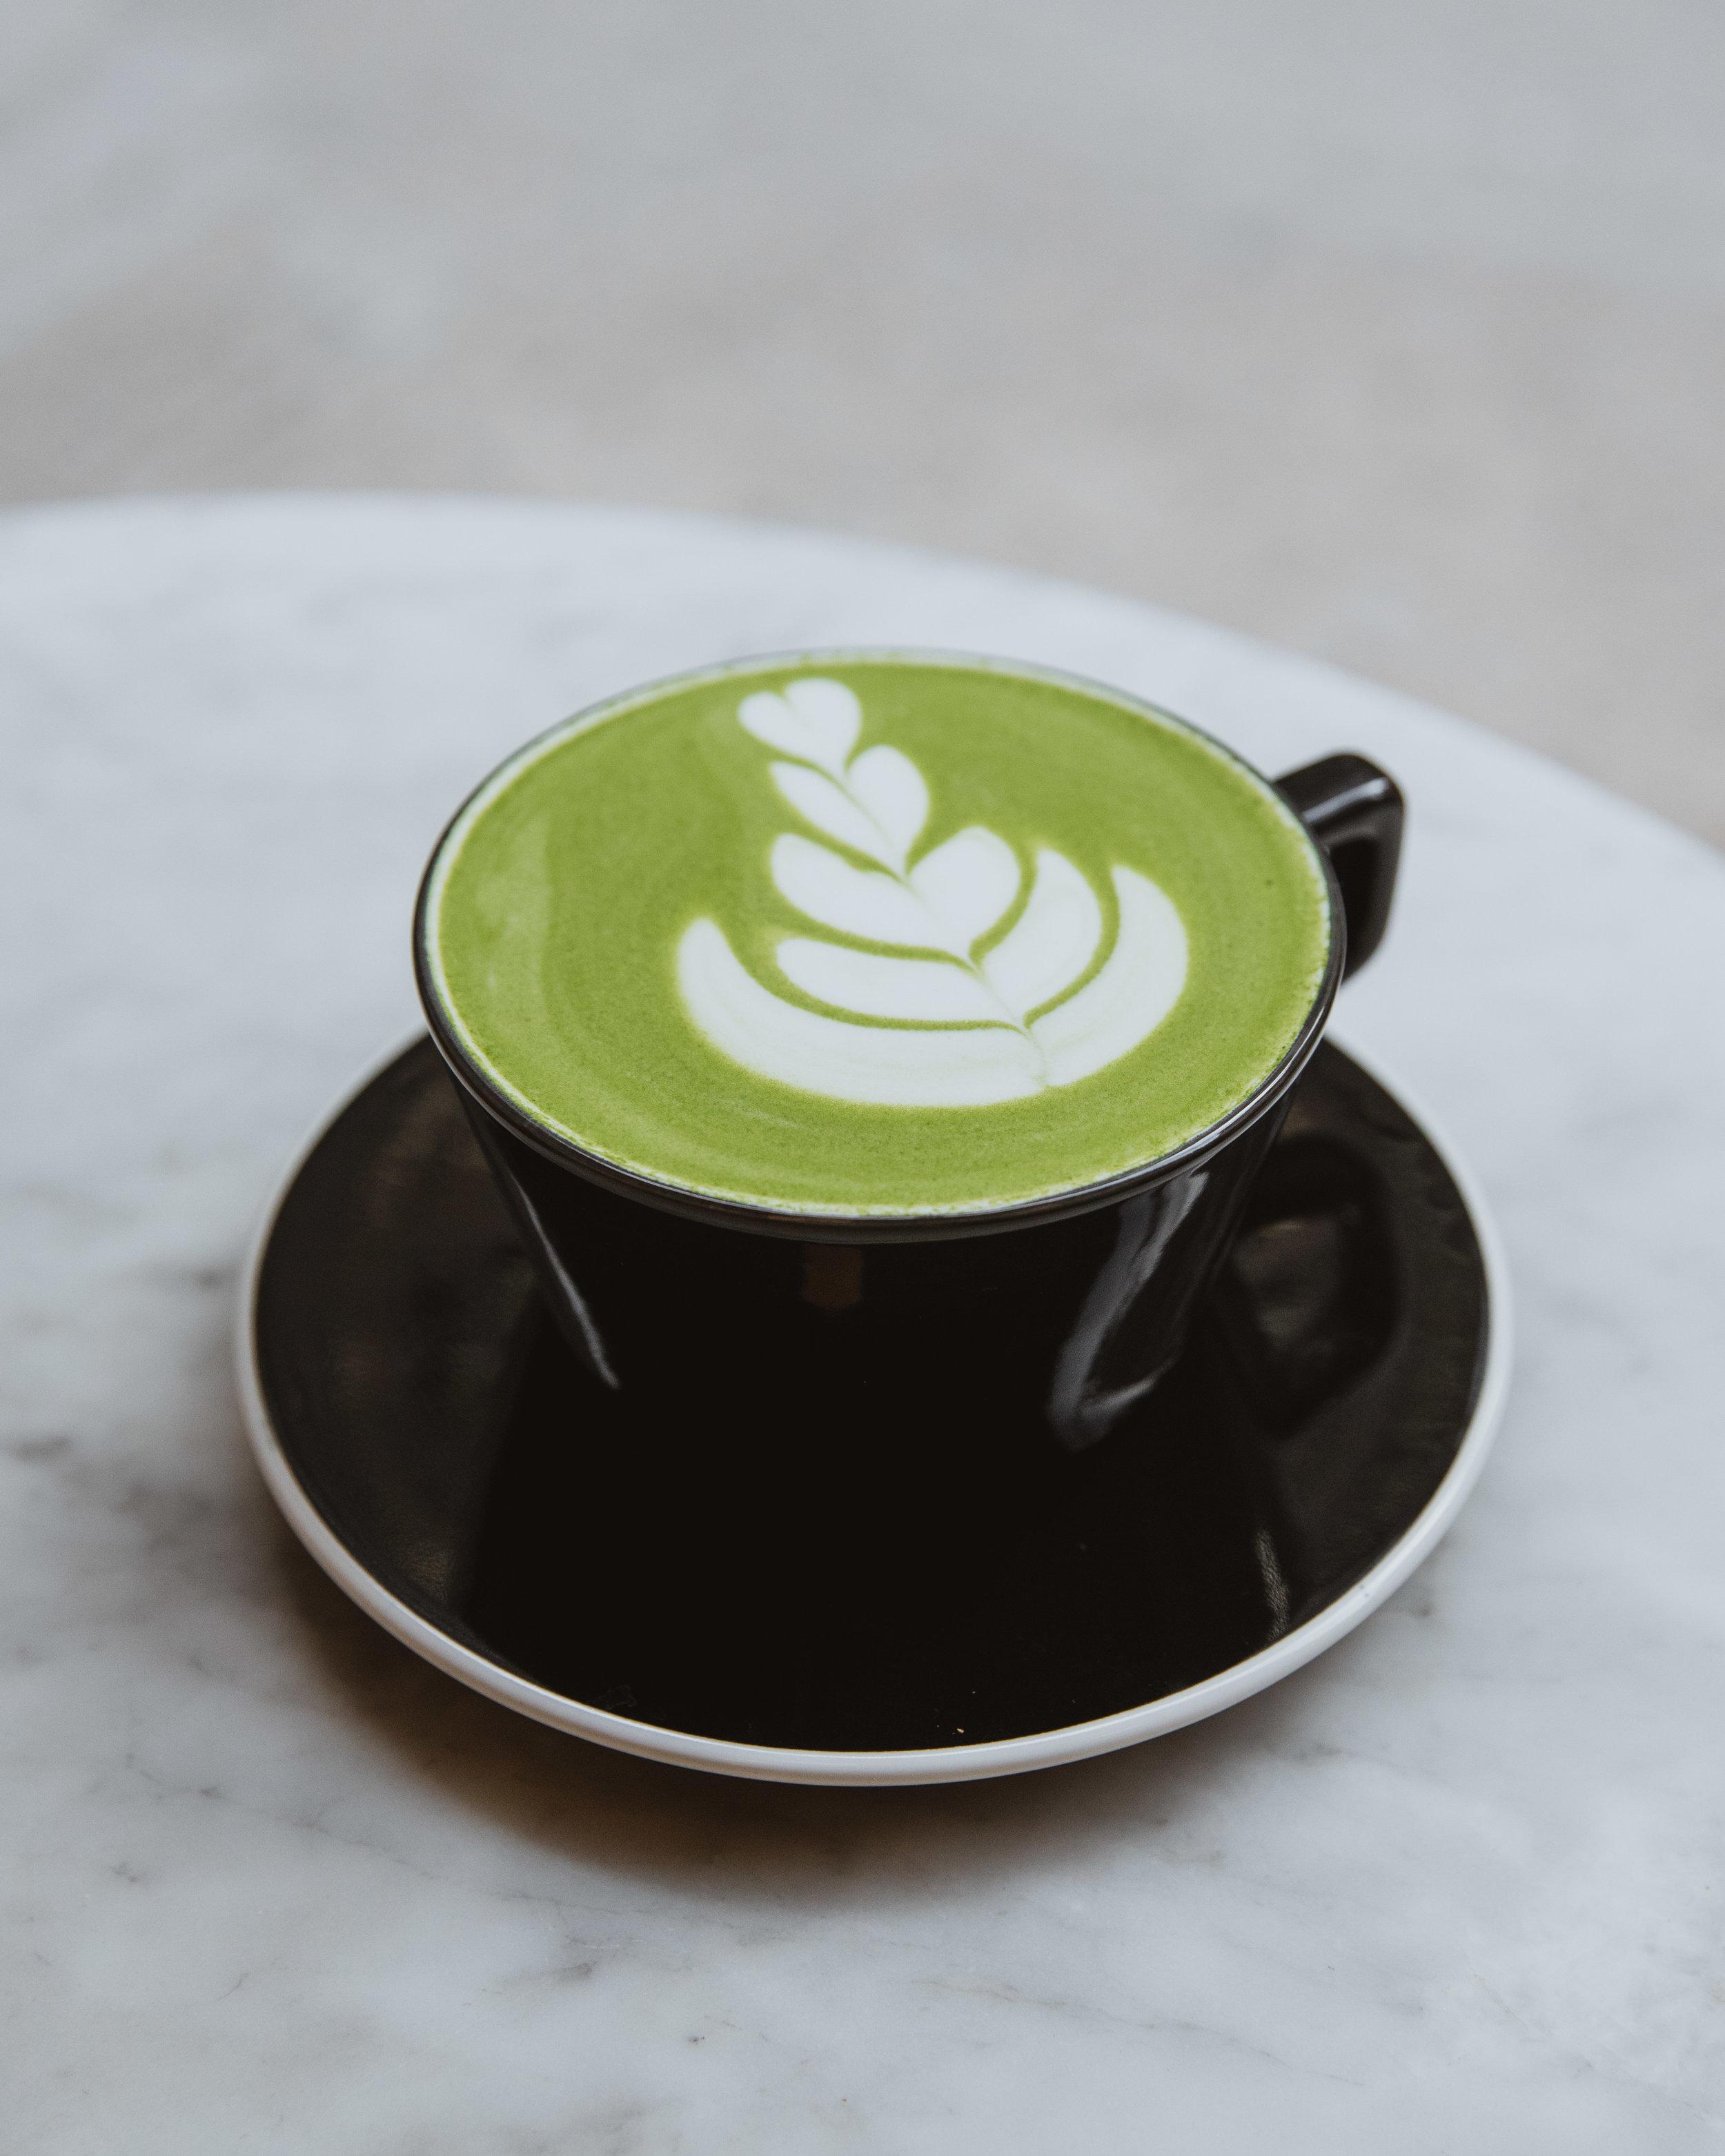 011319_Gotham-coffee-00061.jpg